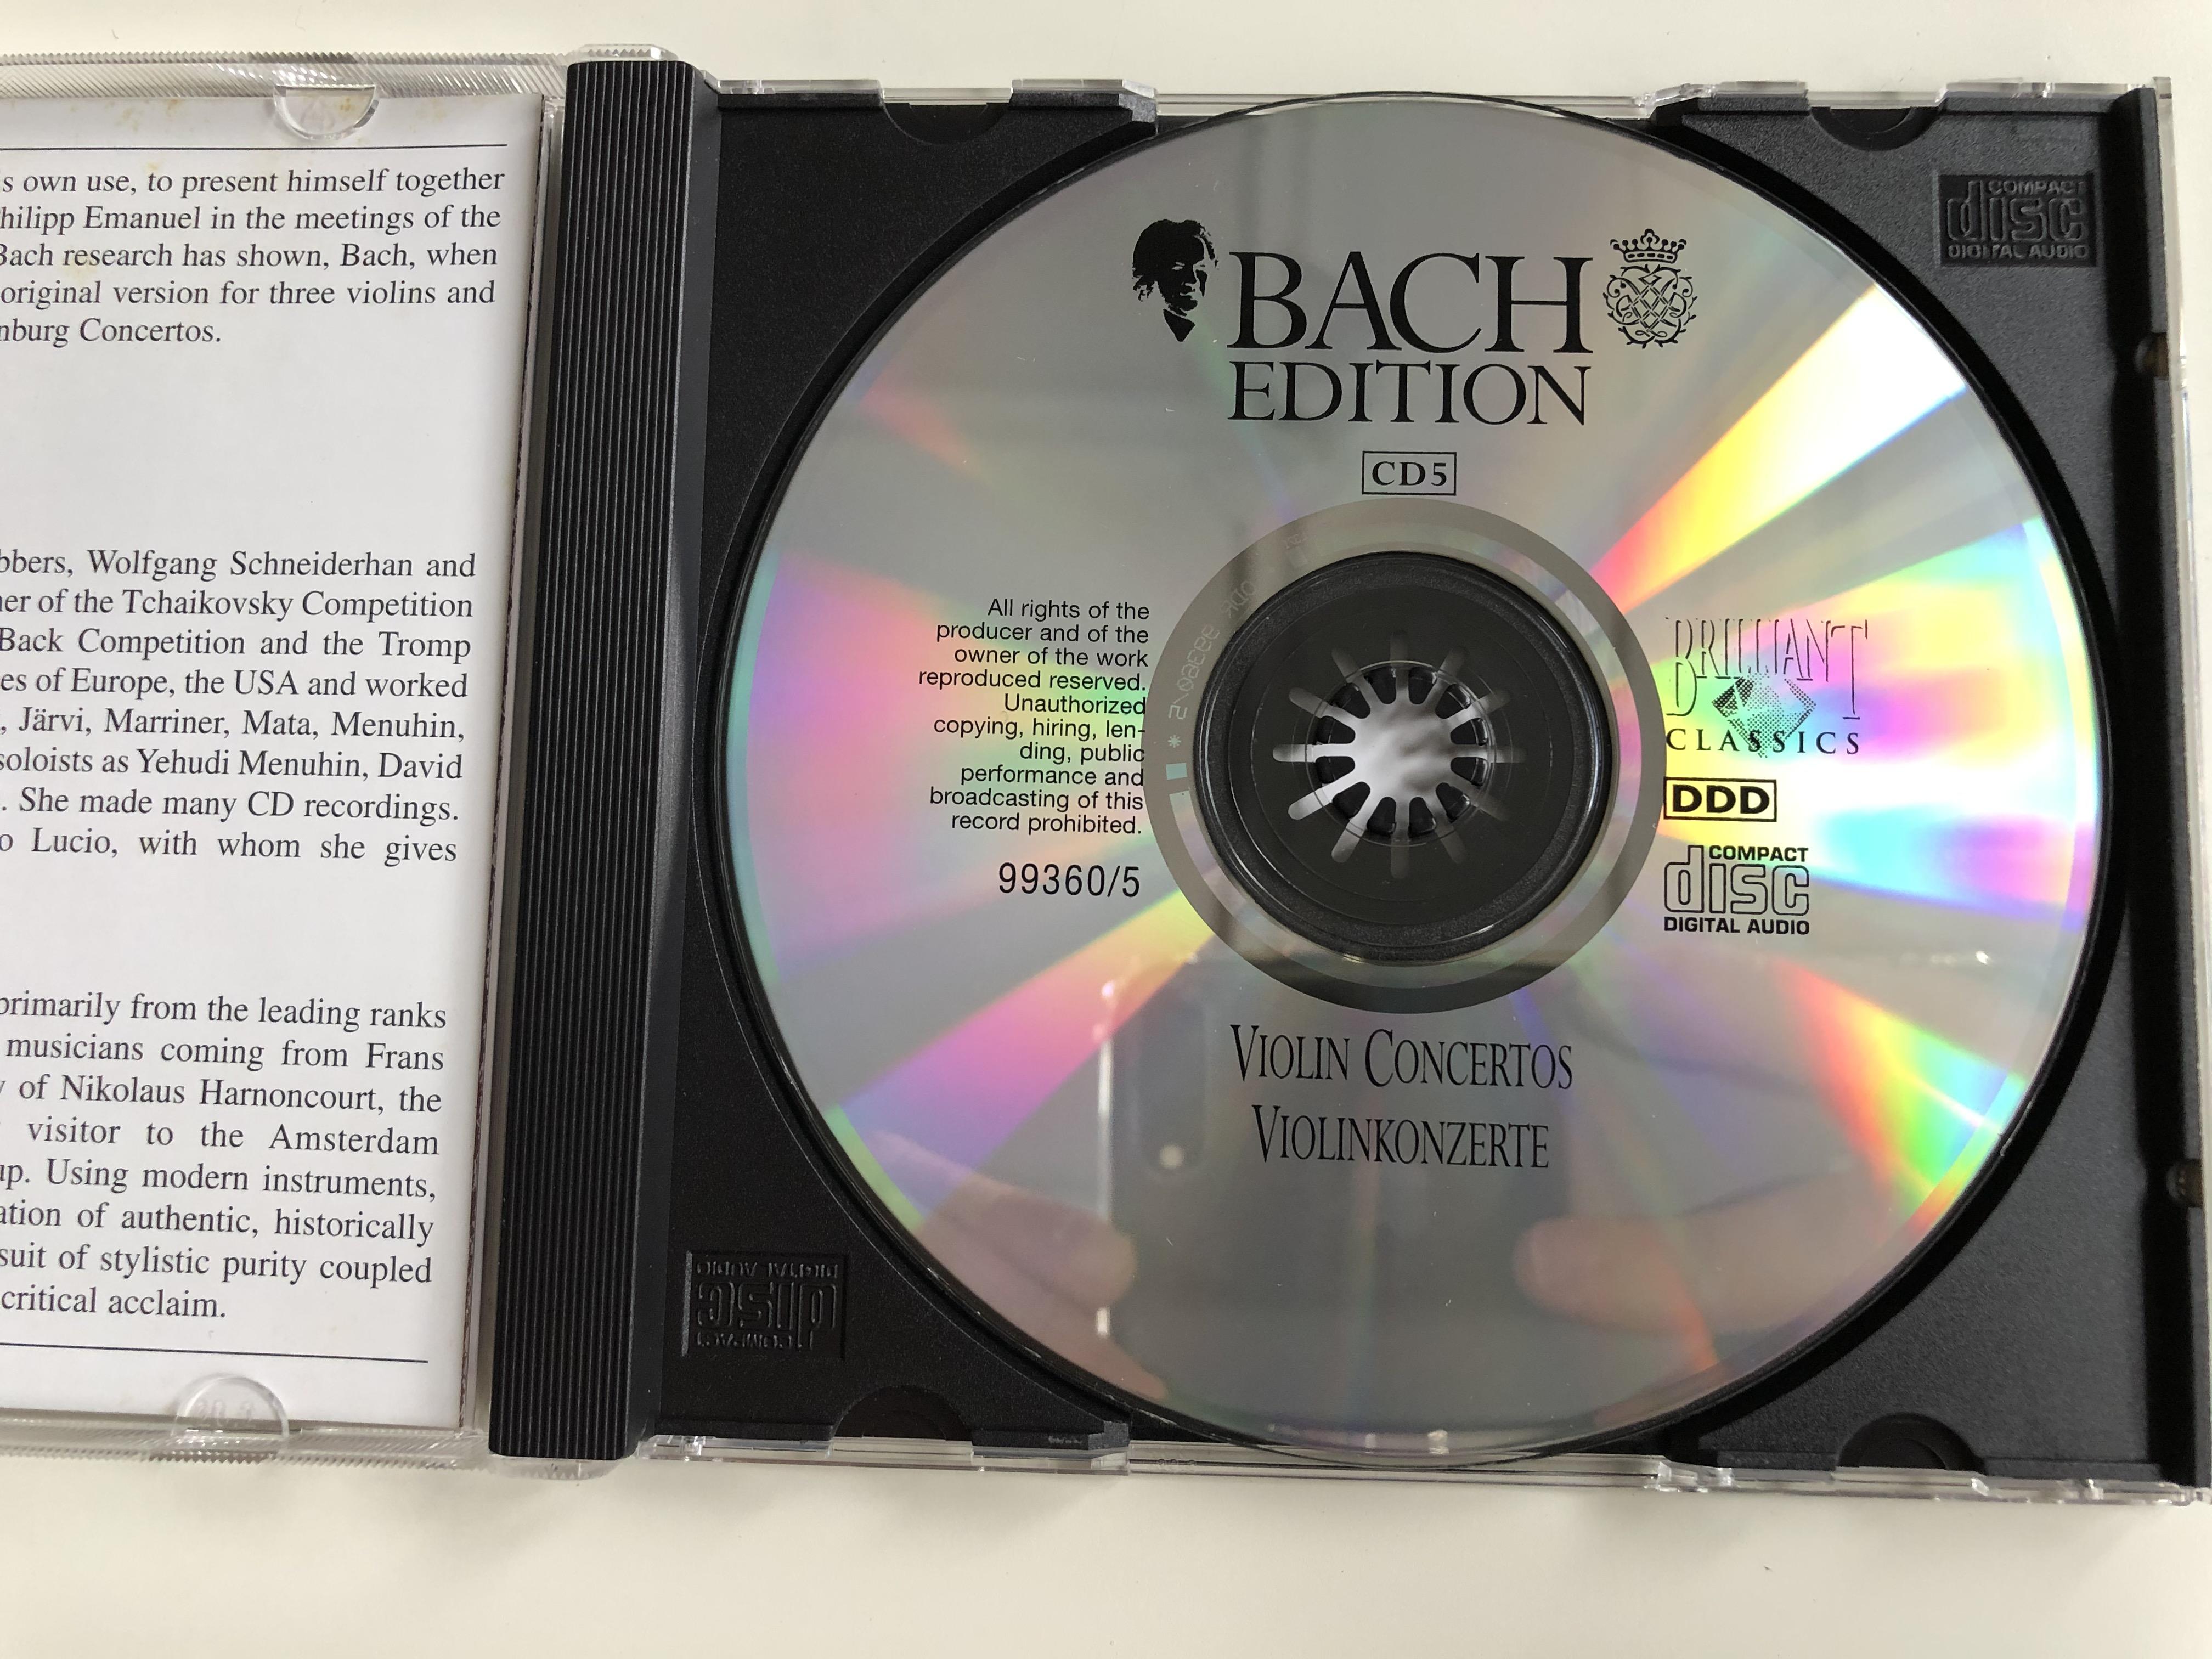 bach-edition-violin-concertos-violinkonzerte-brilliant-classics-audio-cd-993605-3-.jpg